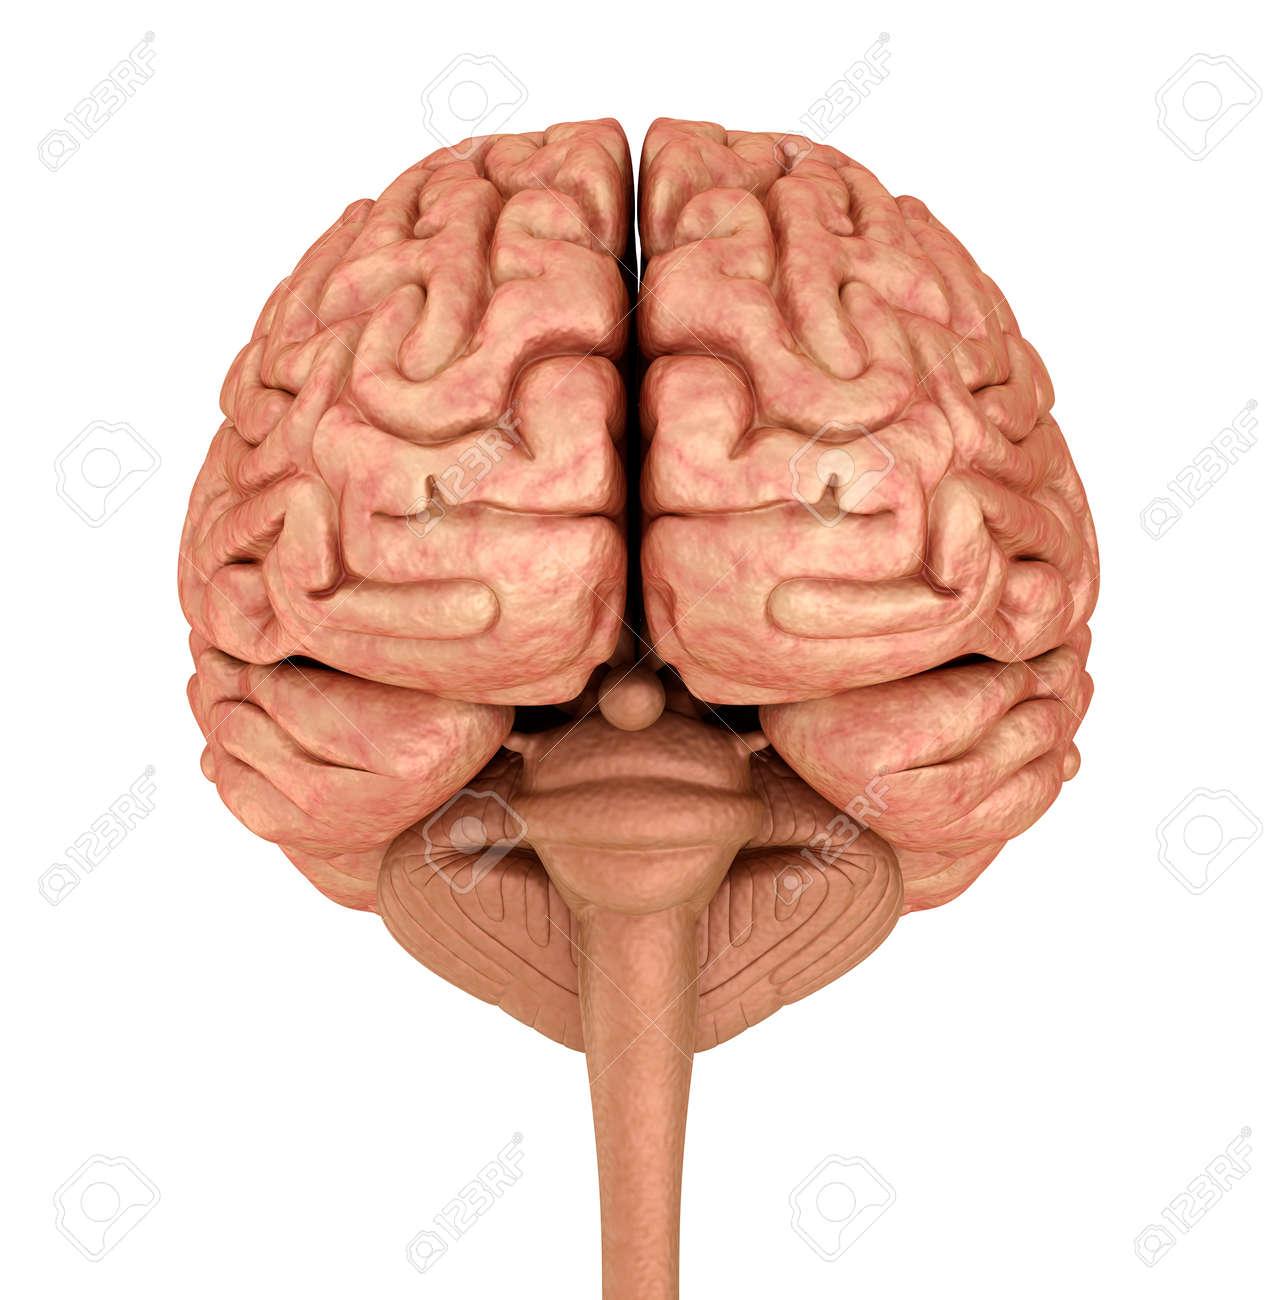 Menschliches Gehirn 3D-Modell, Isoliert Auf Weiß. Medizinisch Genaue ...